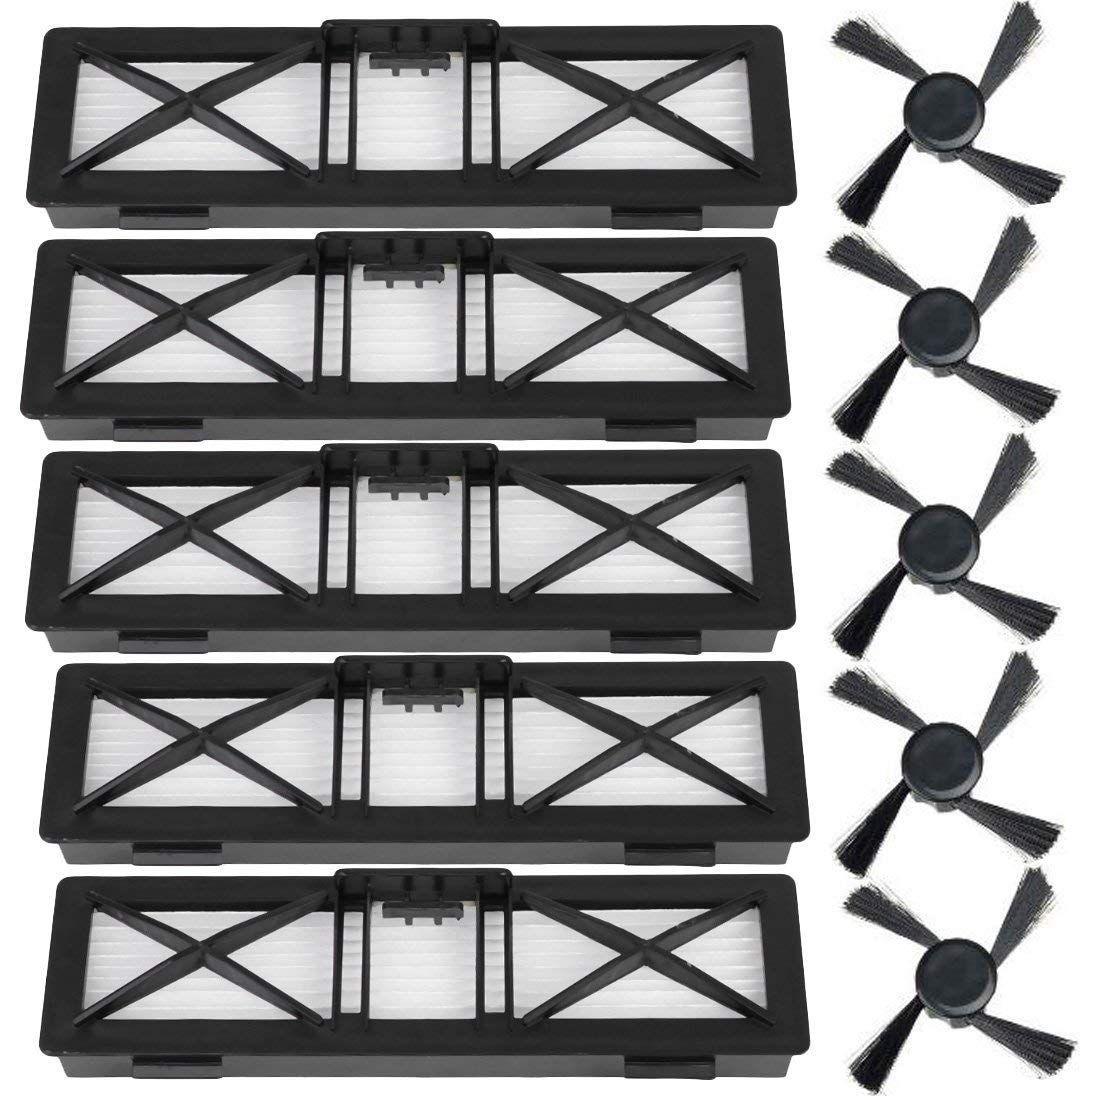 Remplacement Neato filtres brosse latérale pour Neato Neato Botvac D Series D85, D80, D75 Neato Botvac connecté Serie D5, D3 Cle à vide